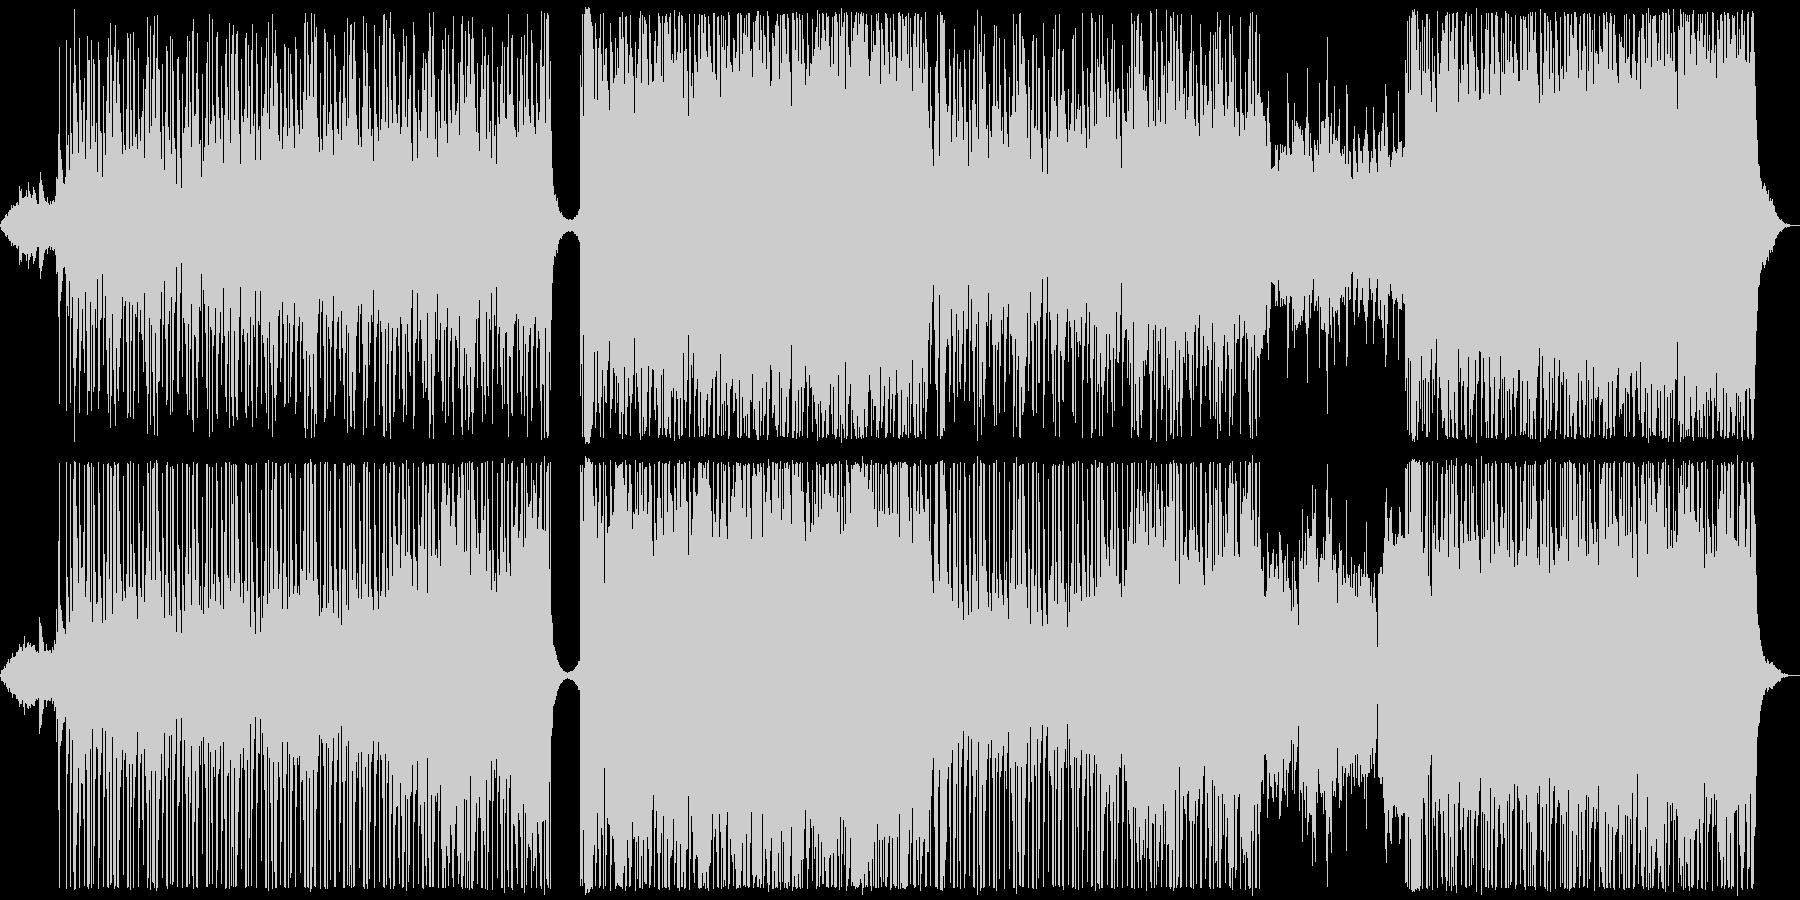 【メロディ抜き】ピアノとパッド中心の透…の未再生の波形